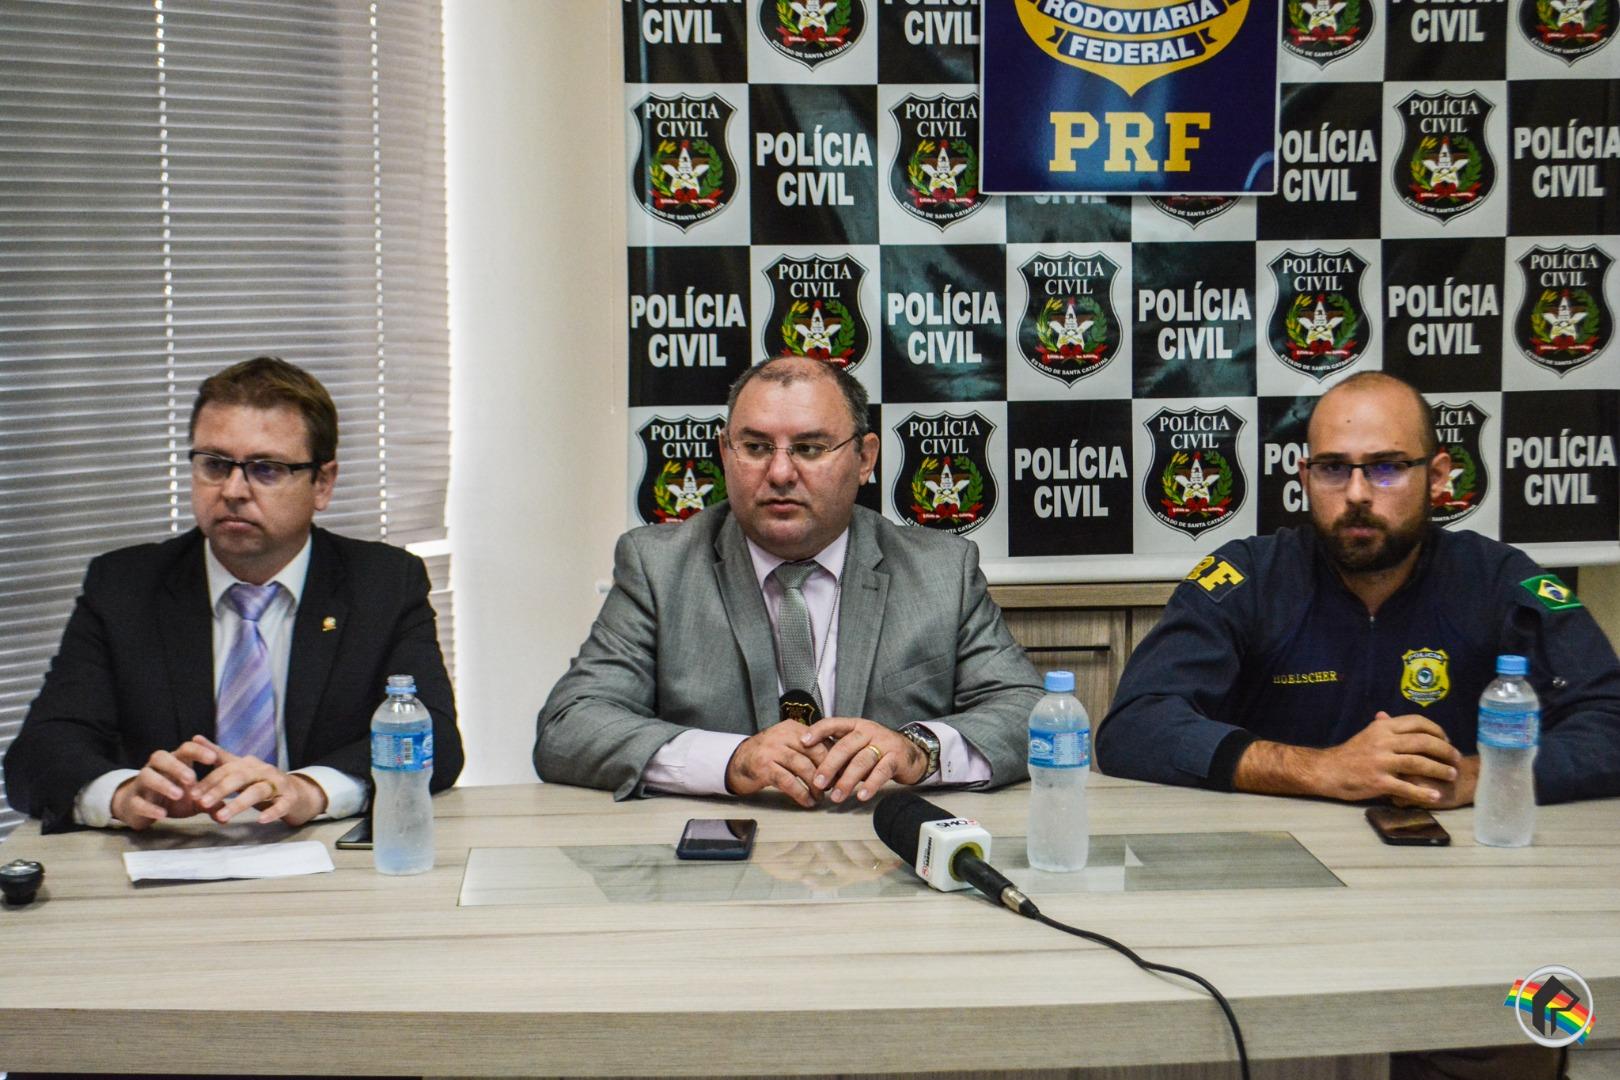 Polícia Civil desarticula grupo criminoso com atuação na região